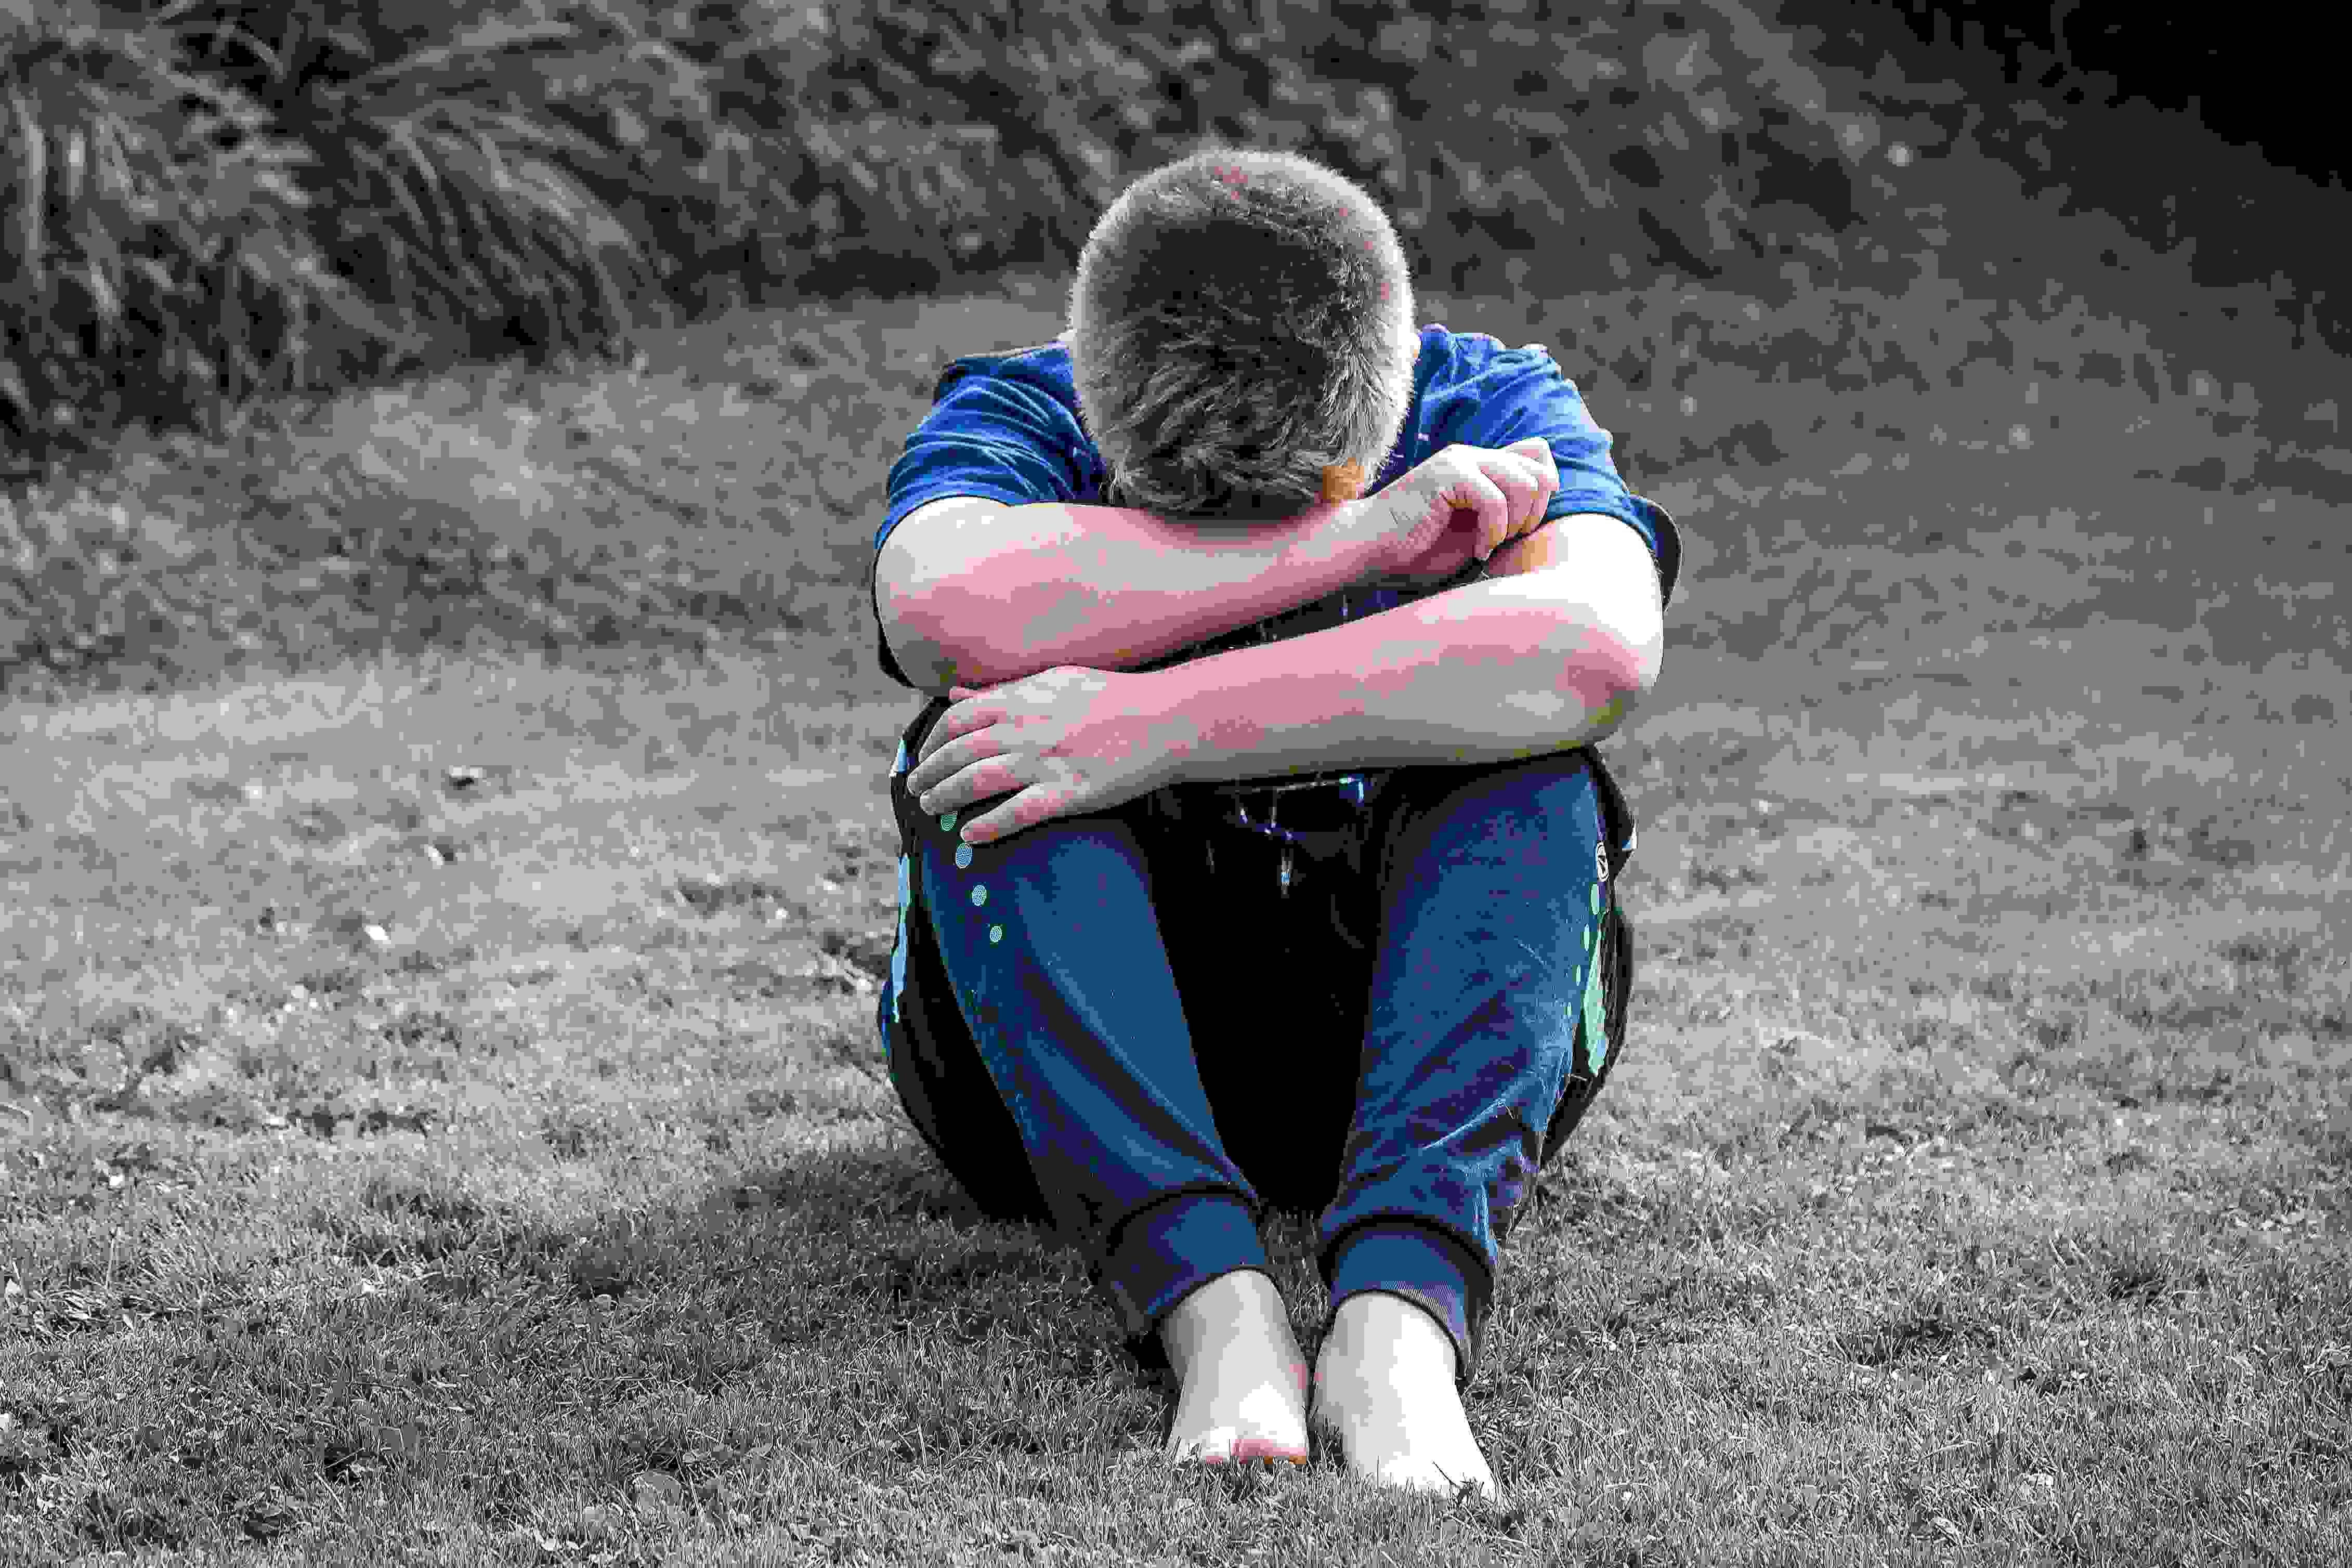 霸凌的加害者給了別人一輩子的傷口,卻沒事的繼續過著自己的人生,如果我是被害者,應該不會考慮那麼多,就算利用父母也要讓他無法待在那個職場! 把當初受到的痛苦原封不動地回給他! 大家怎麼想的呢~